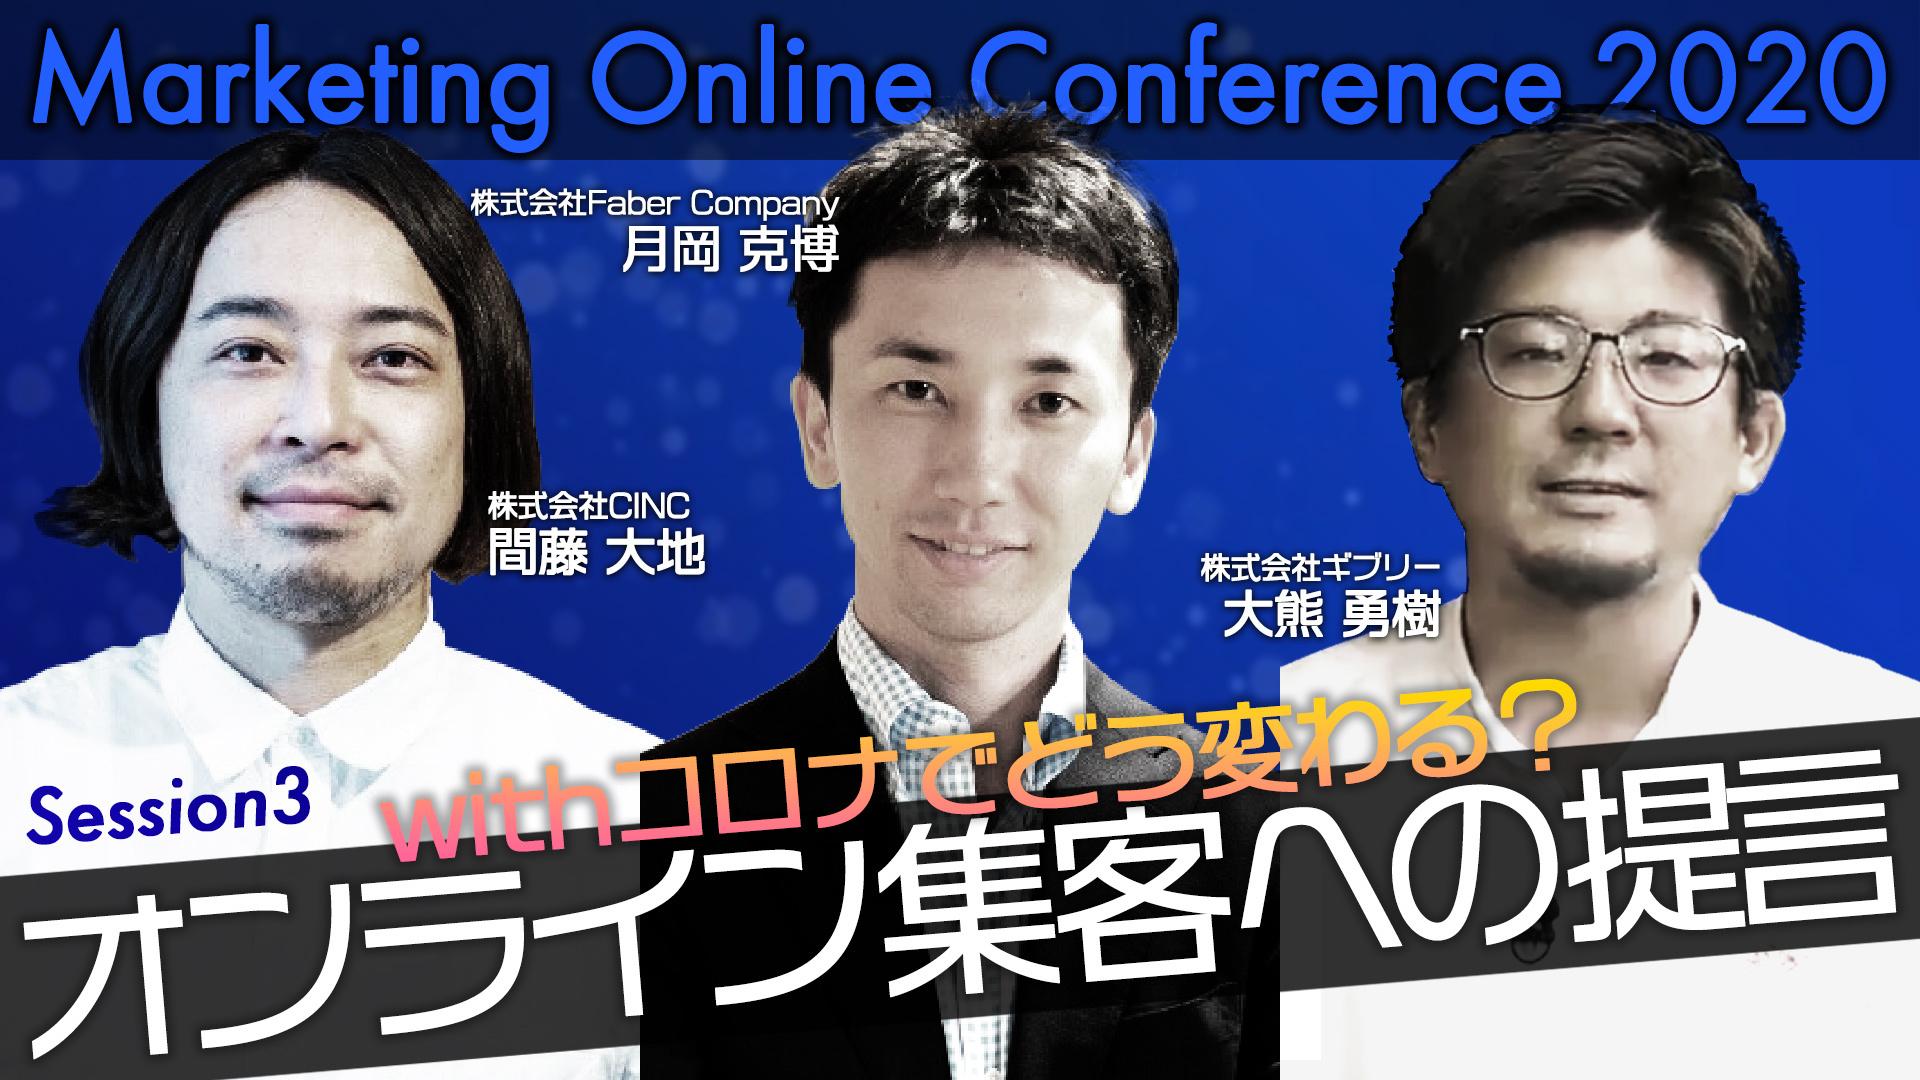 【Session3】withコロナでどう変わる?オンライン集客への提言